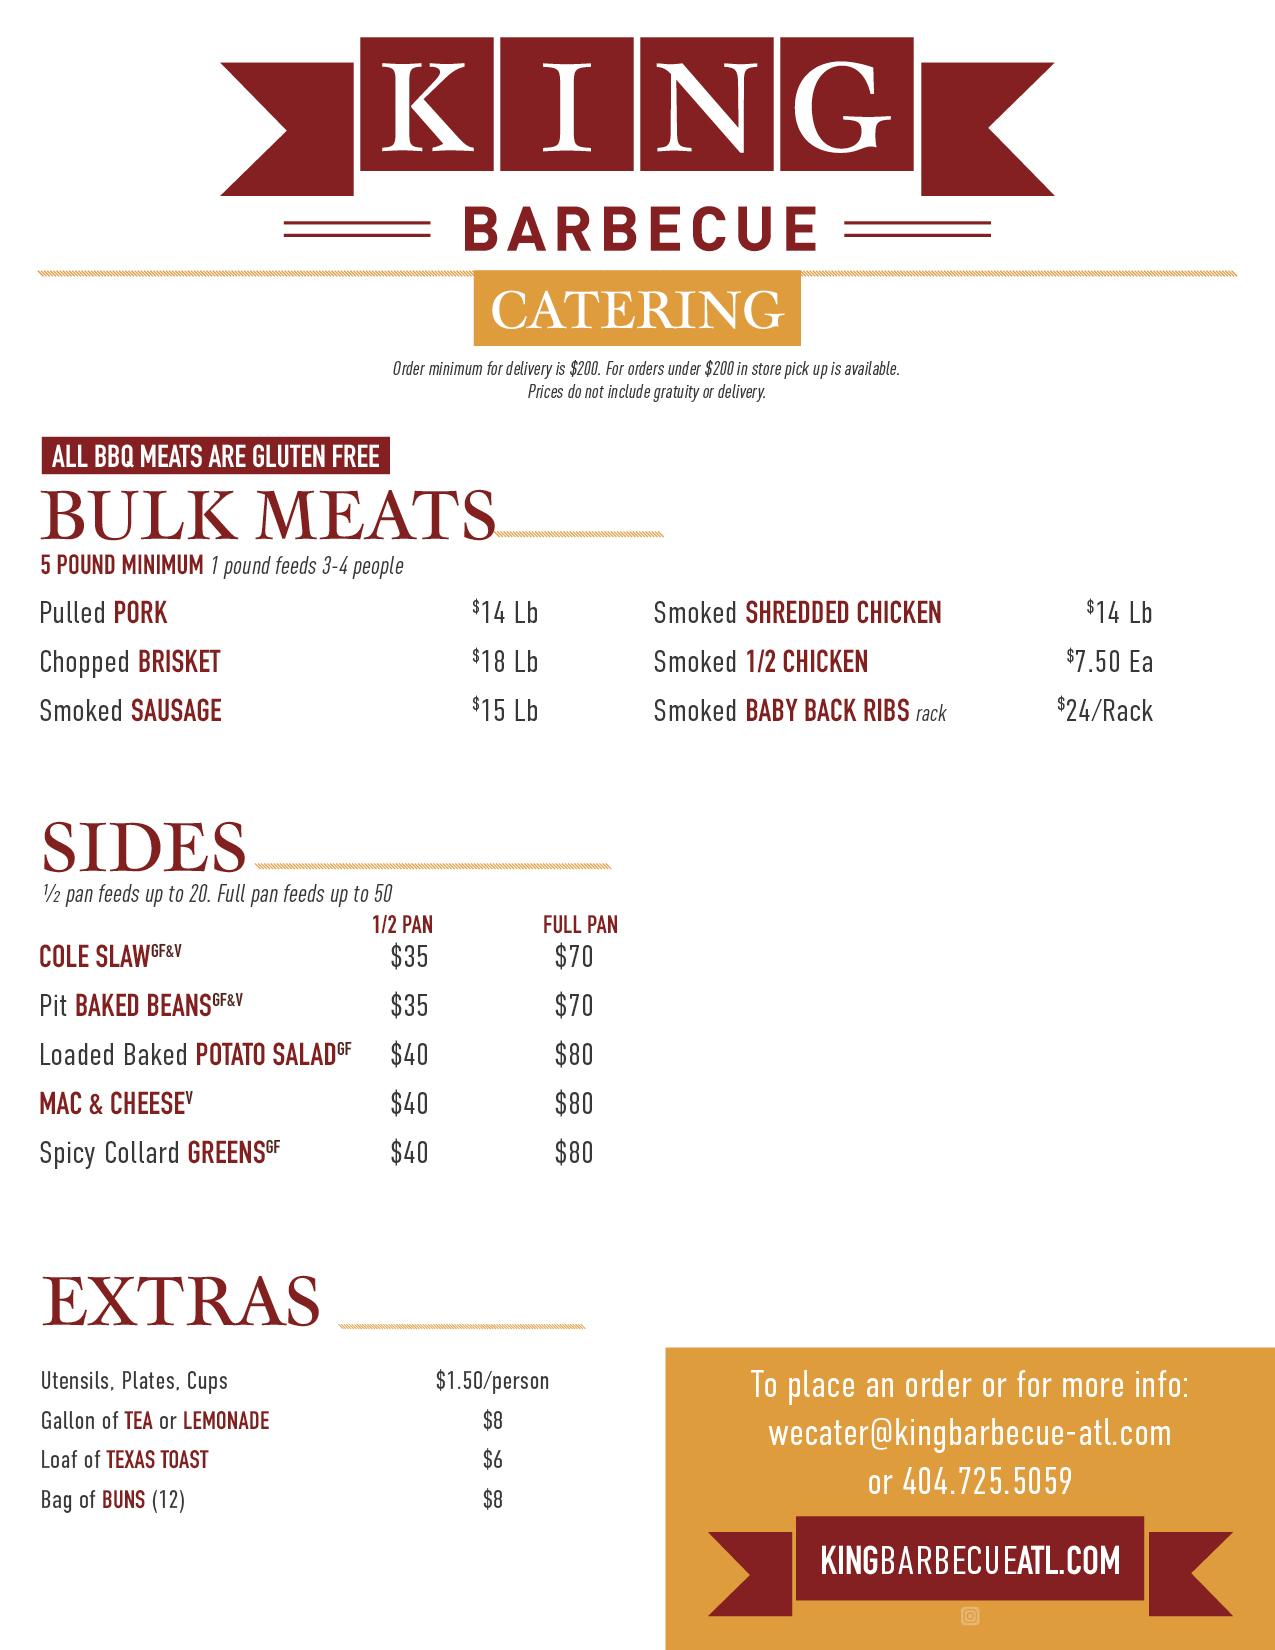 King BBQ catering2019.jpg